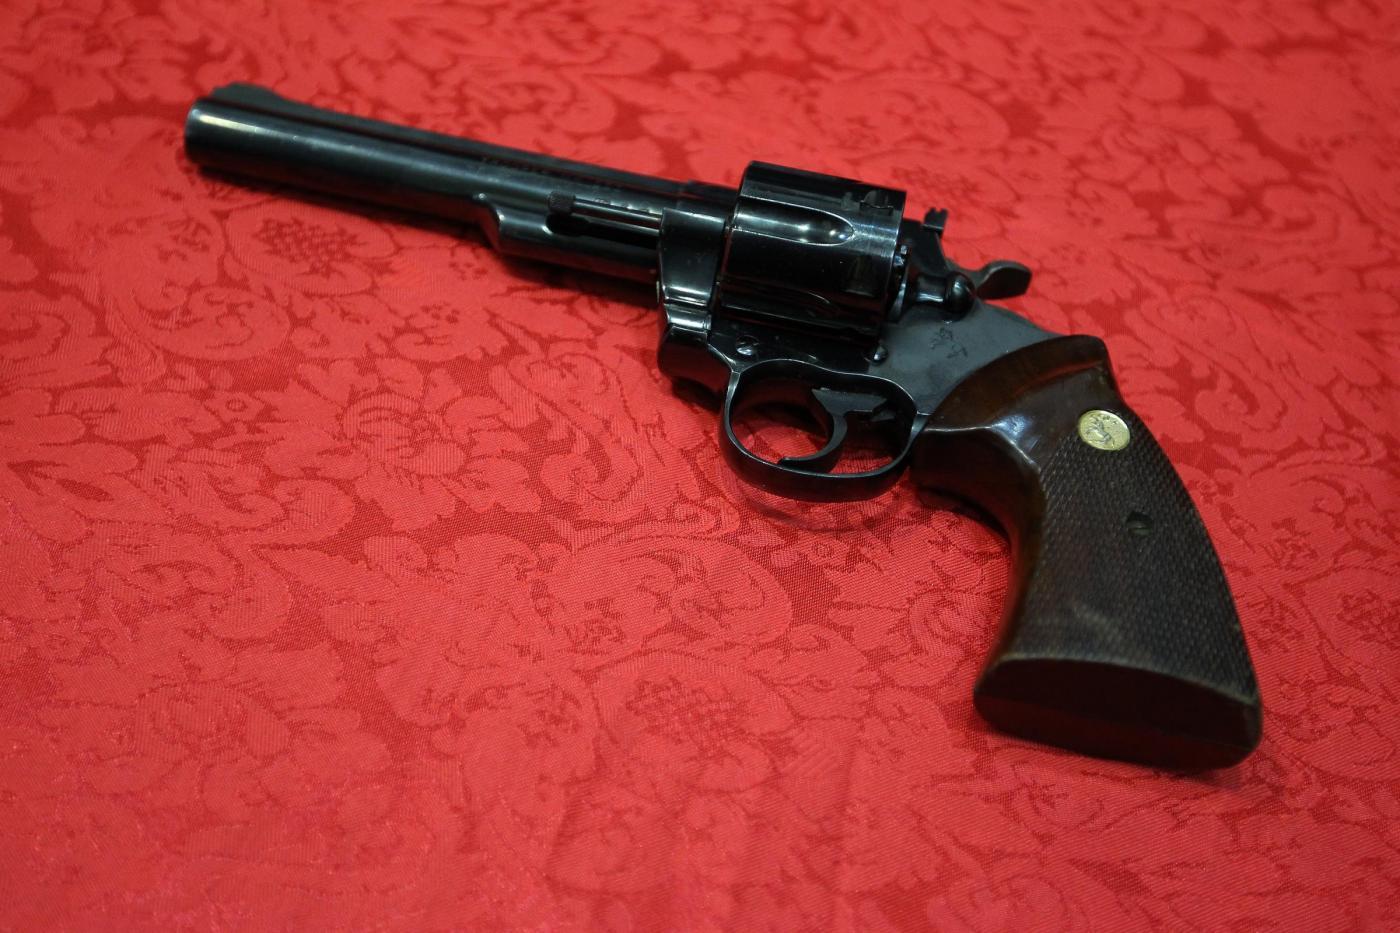 Se i cittadini si armano: pistoleri, giustizieri o legittima difesa?